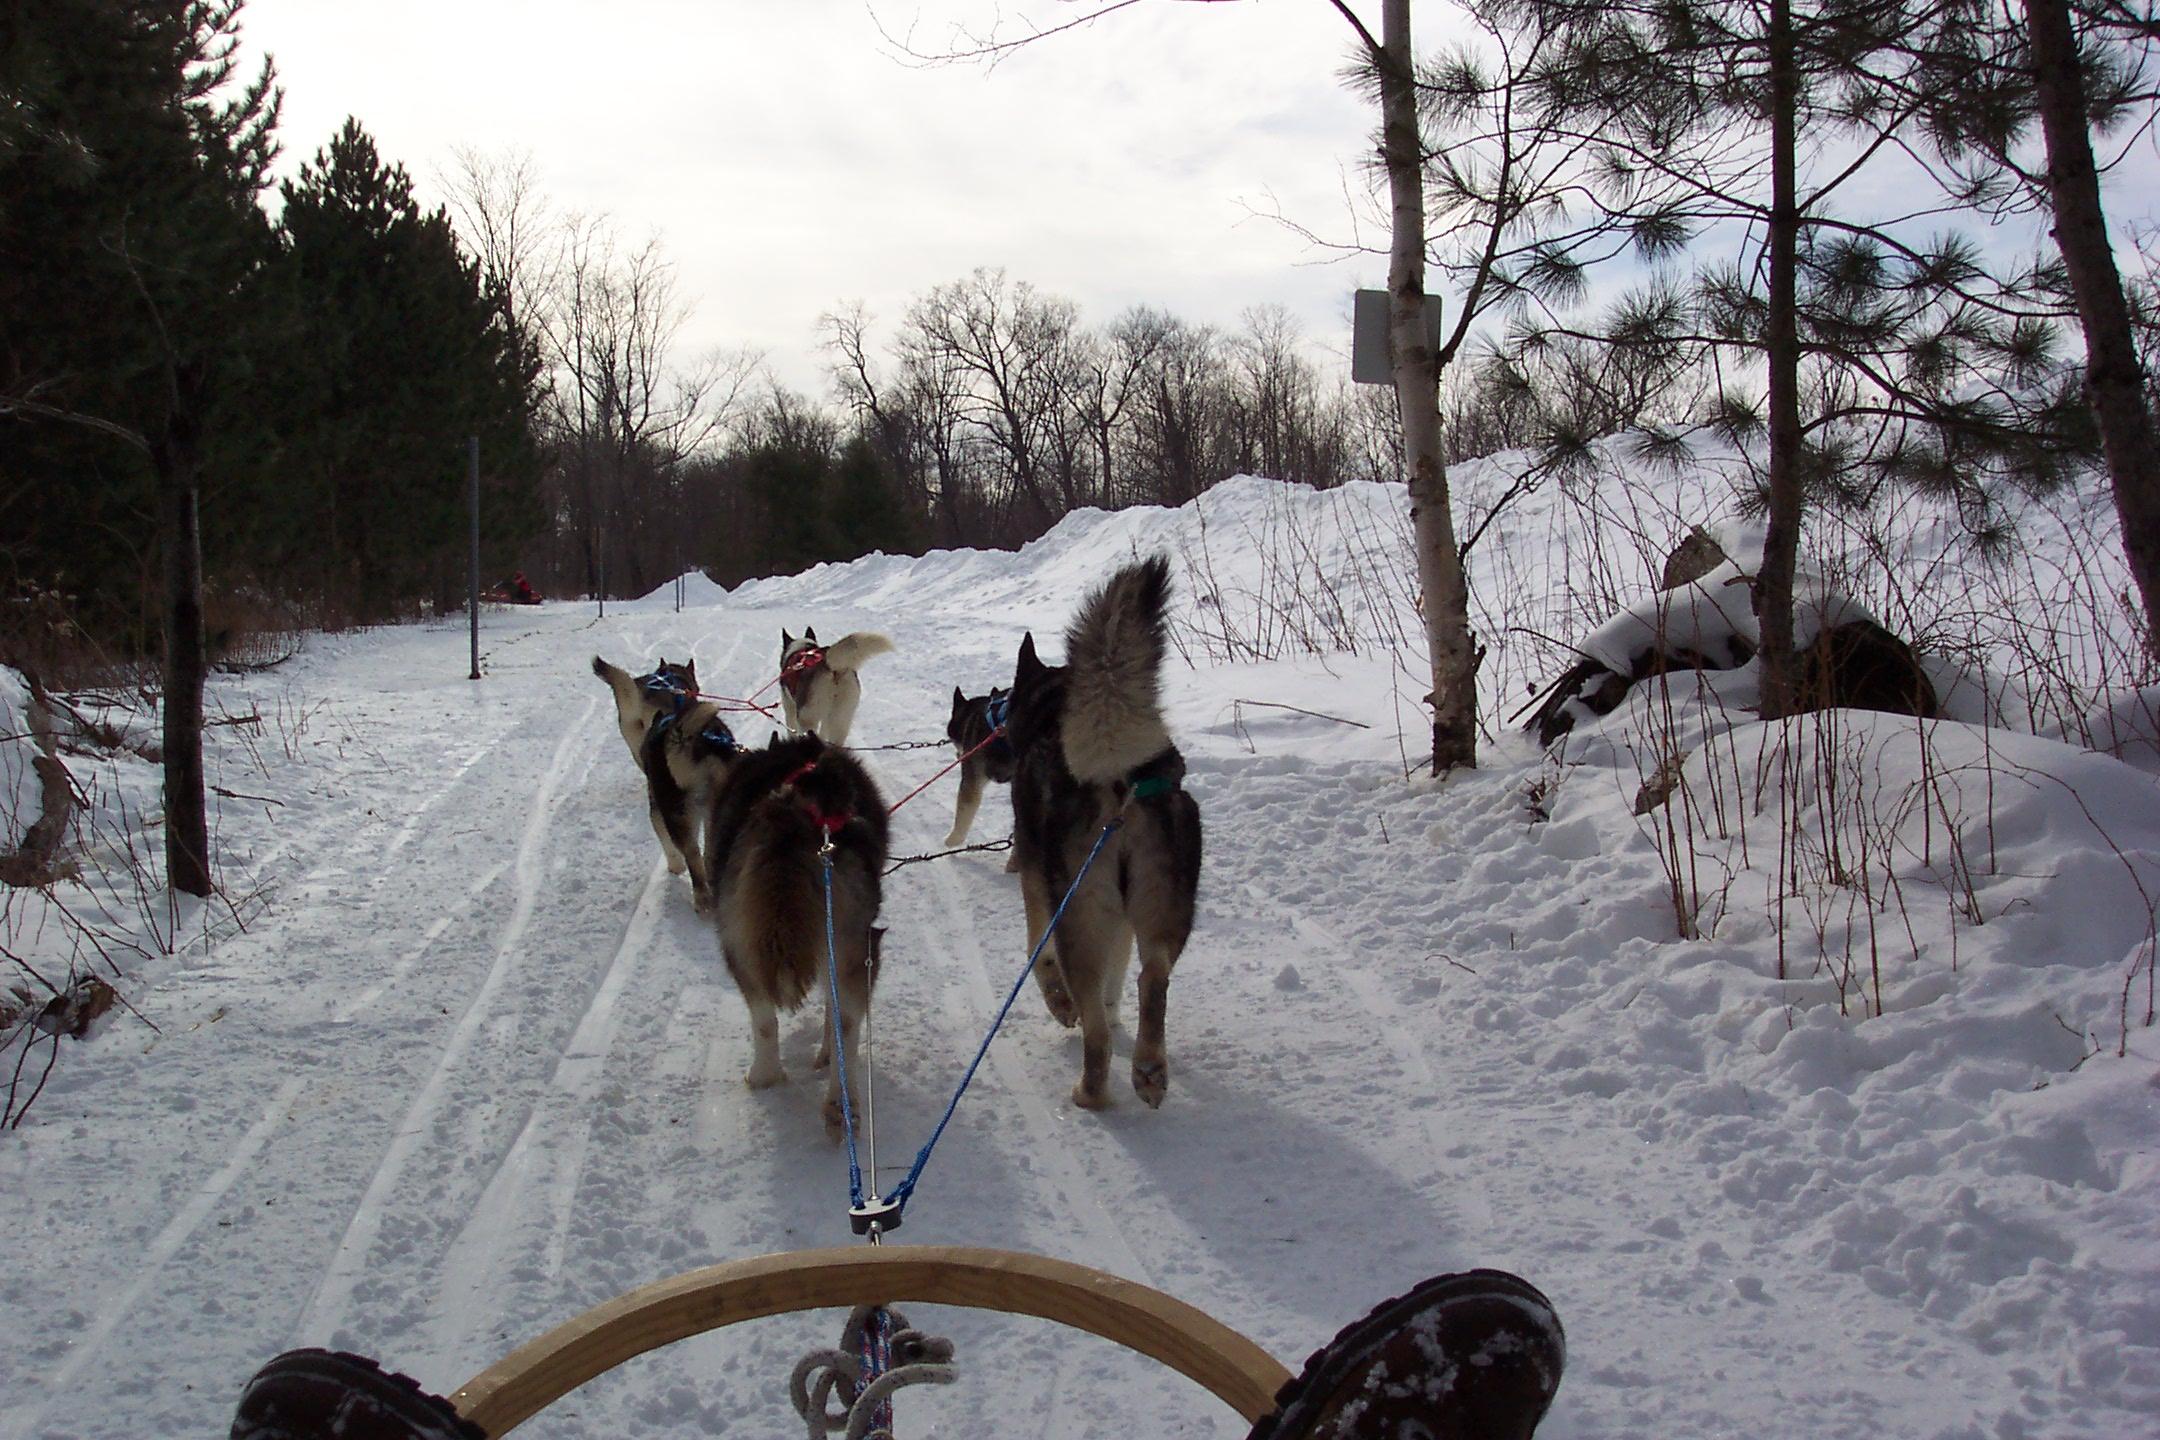 Dogsledding in Canada